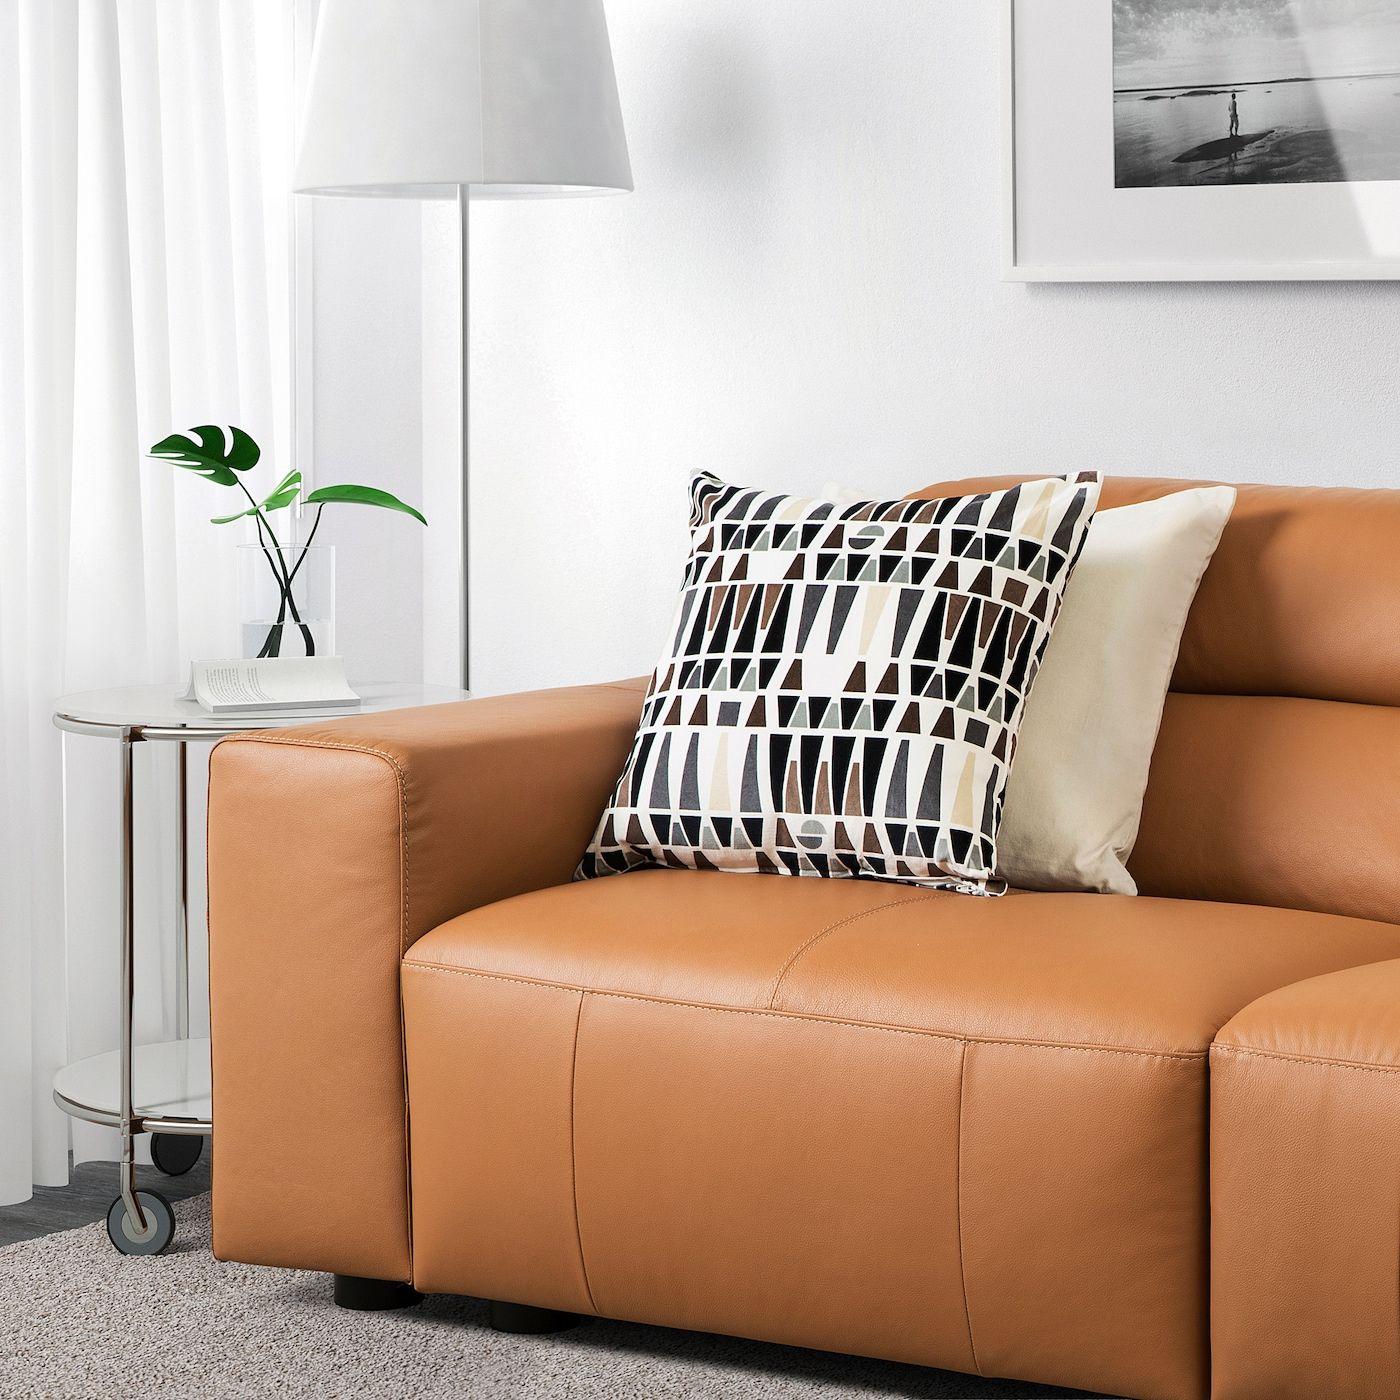 SNOGGE Ecksofa 3-sitzig – Grann ohne Abschluss rechts, Grann goldbraun – IKEA